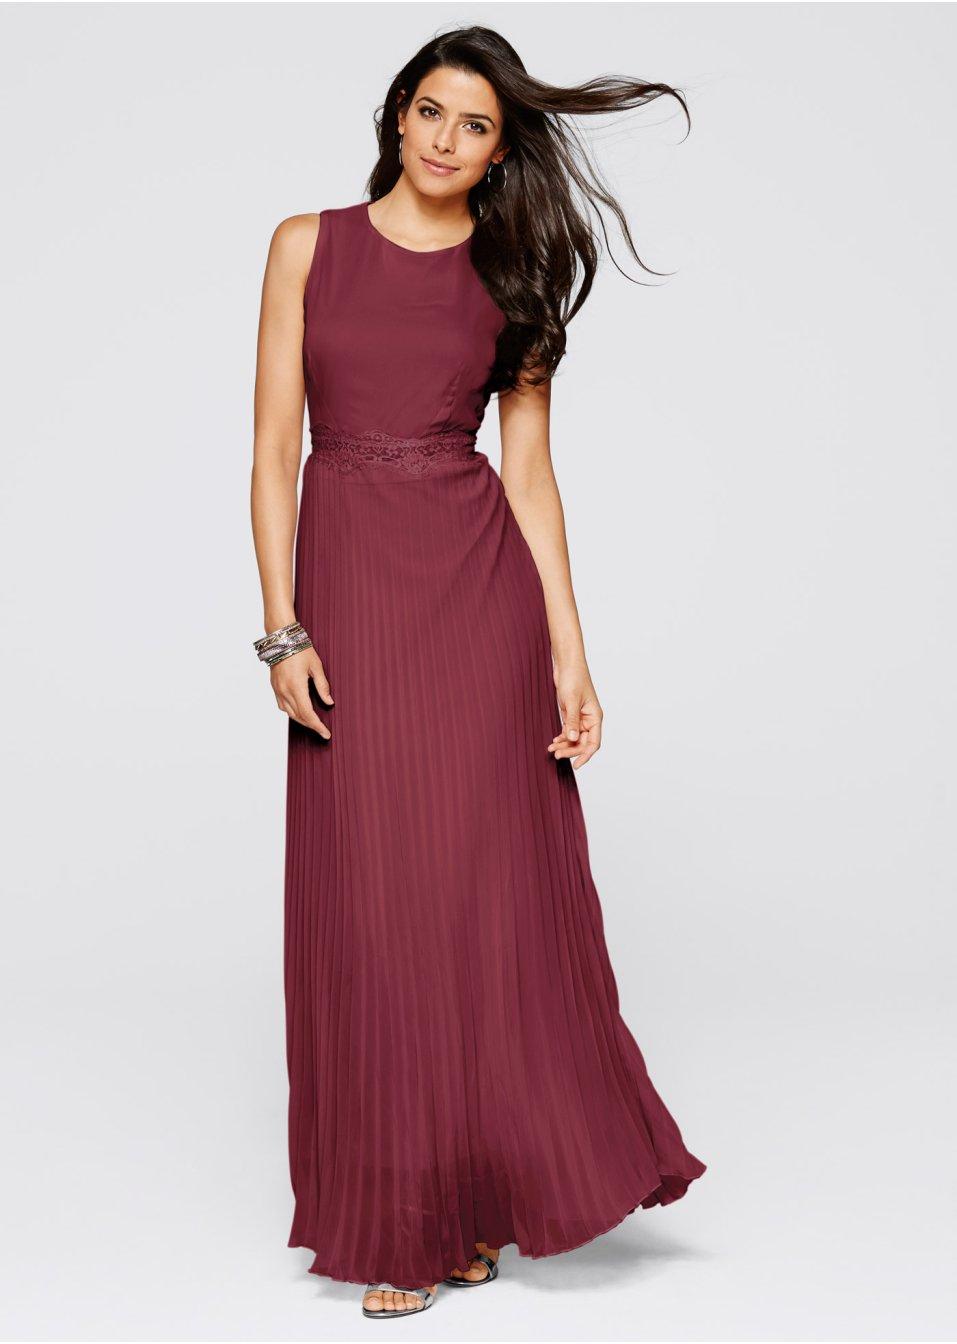 Plisserad klänning mörkröd - BODYFLIRT boutique beställa online - bonprix.se f797254c7396e